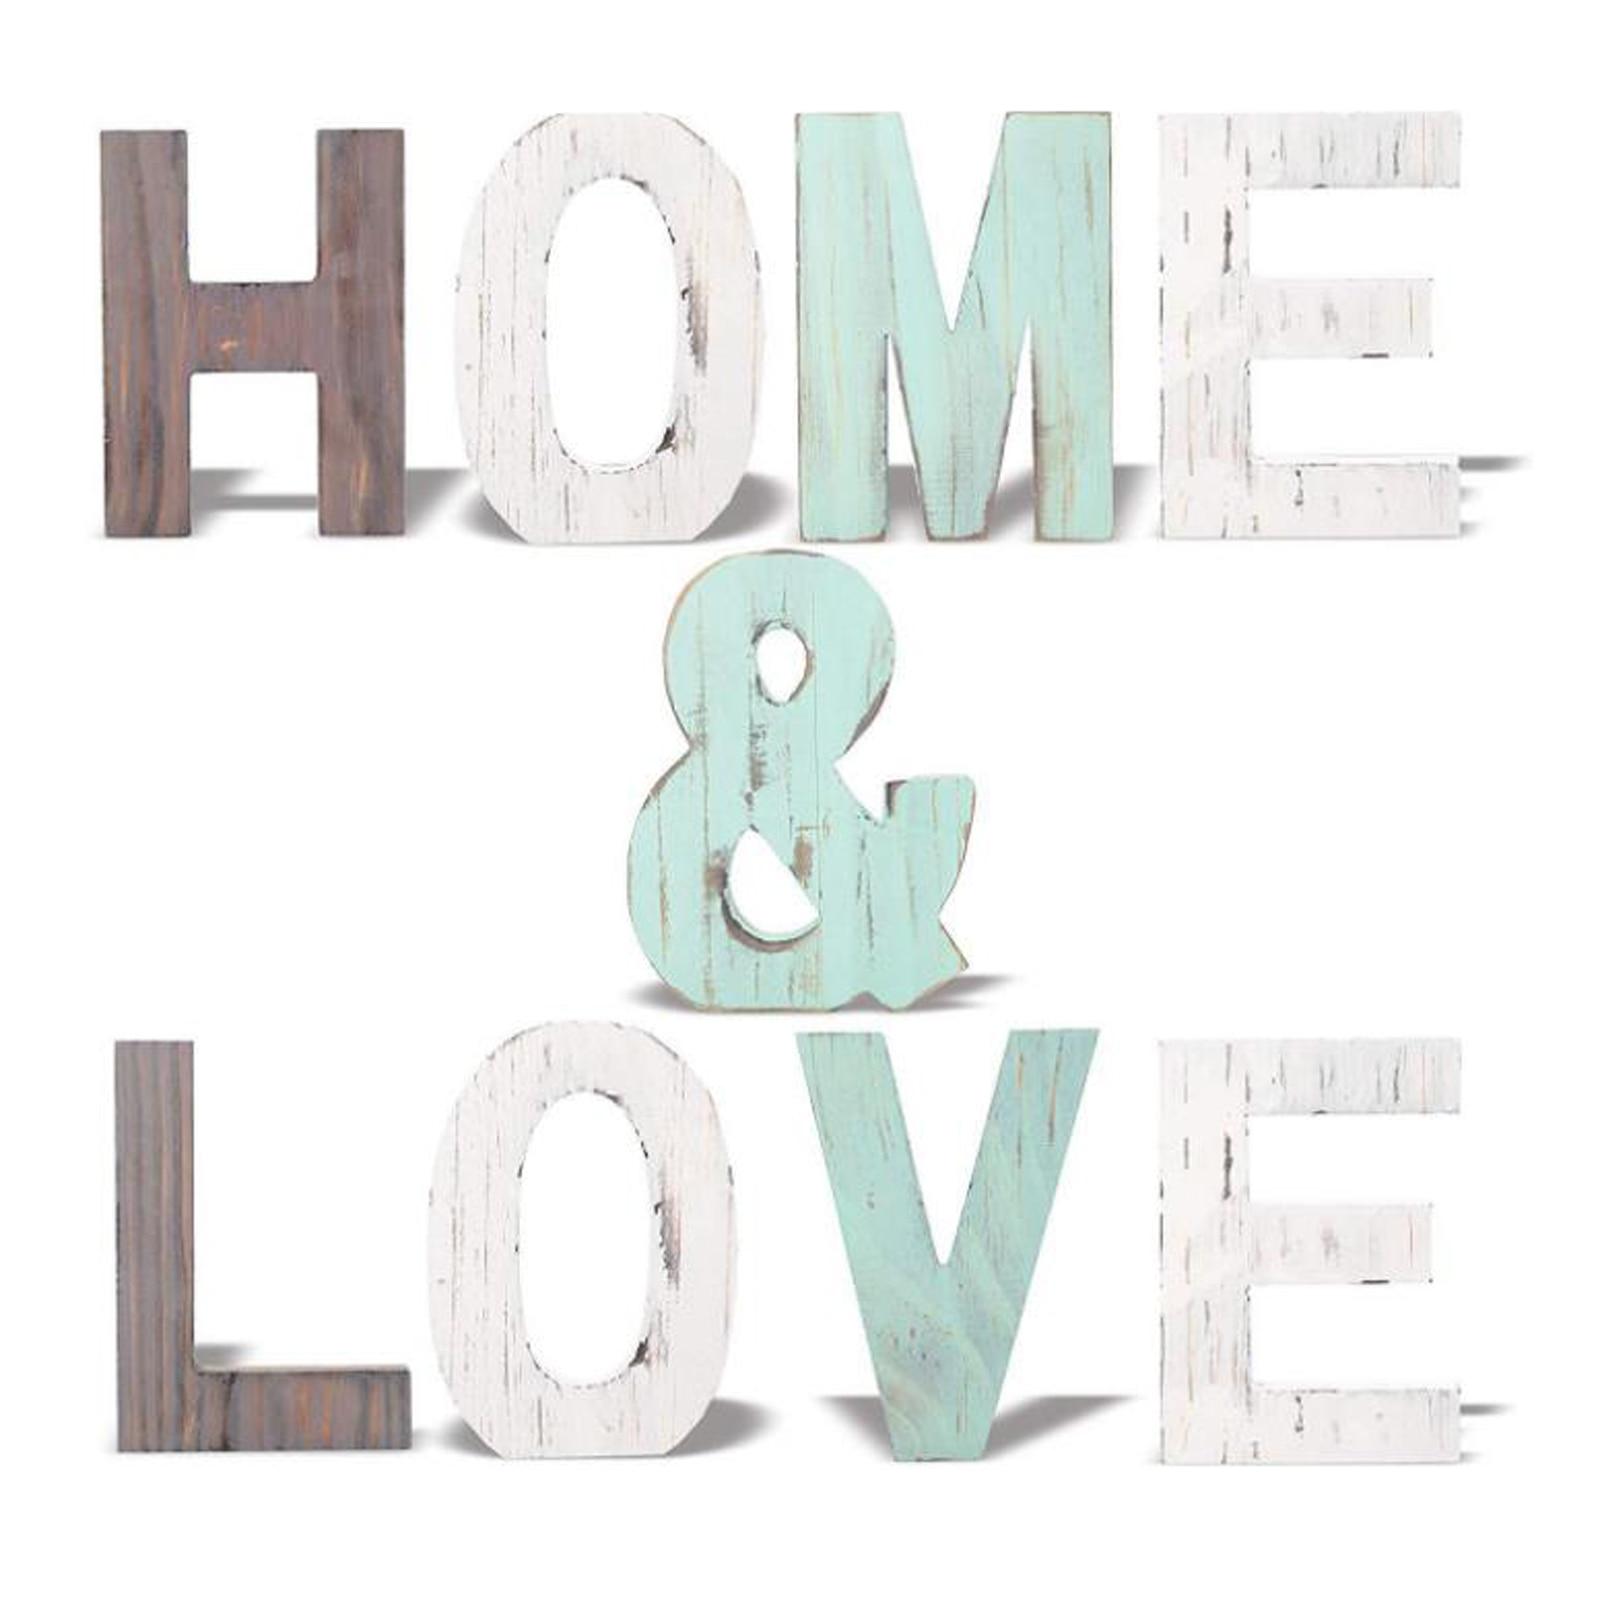 Diy креативные антикварные деревянные английские алфавитные украшения ретро декоративные настольные украшения